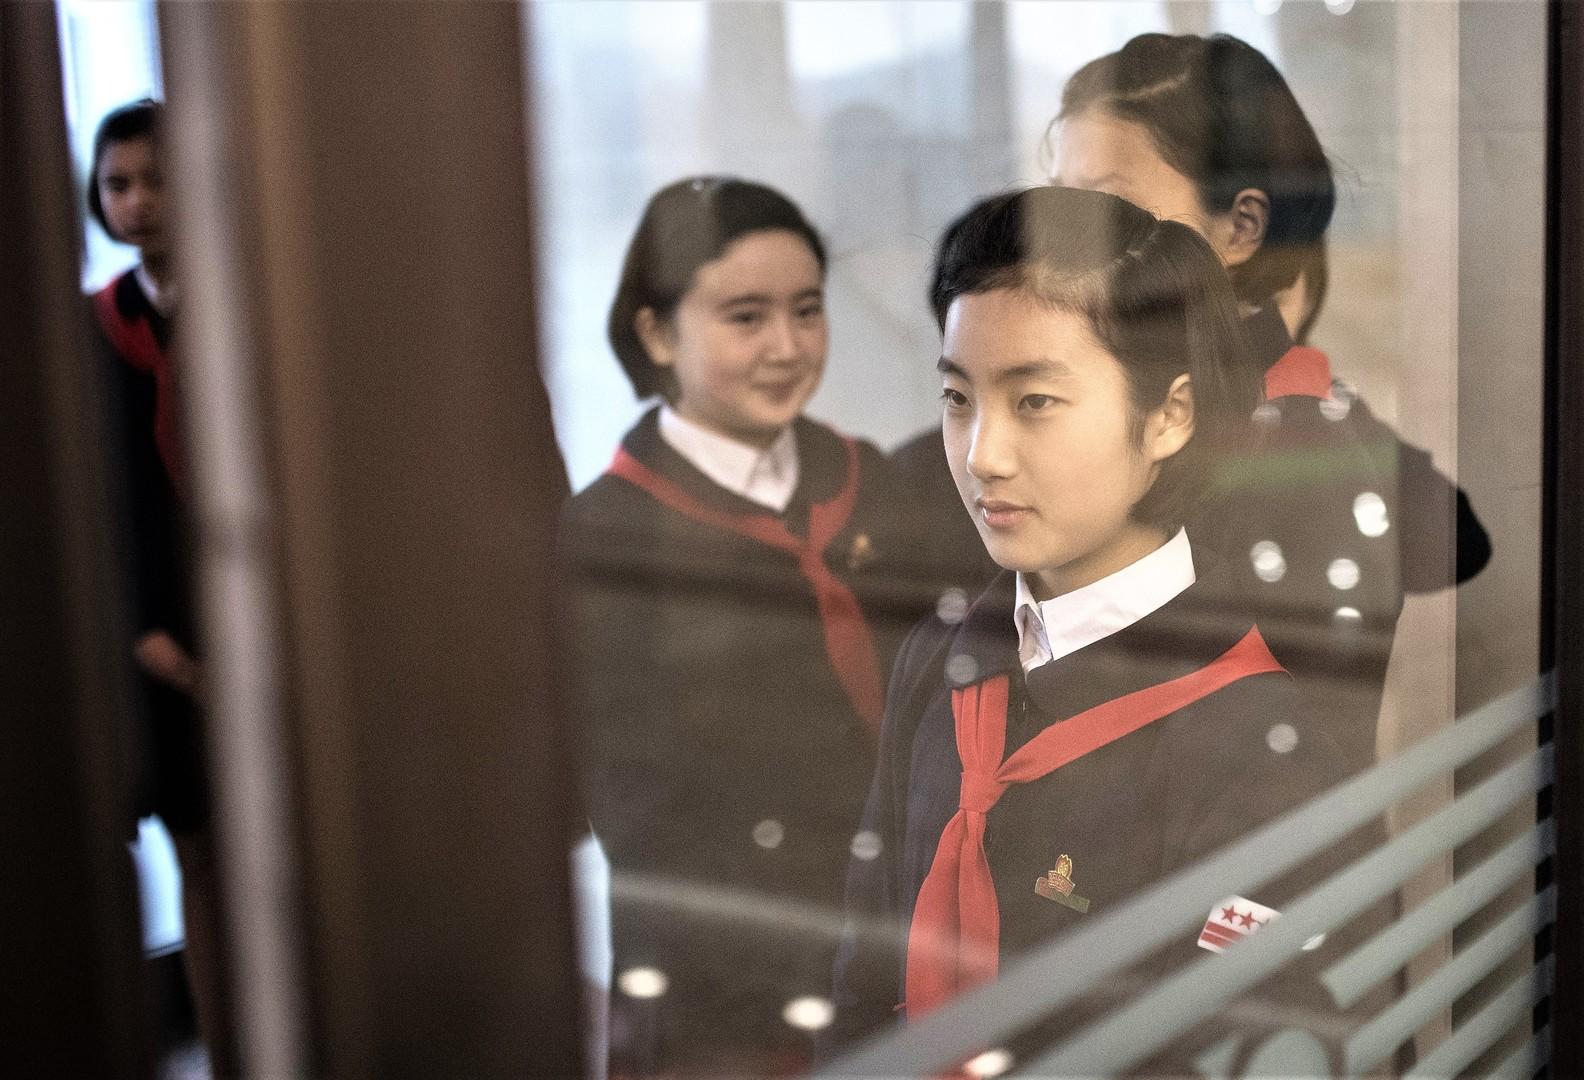 Schülerinnen im Palast der Kinderkreativität in Pjöngjang, 14. April 2017.